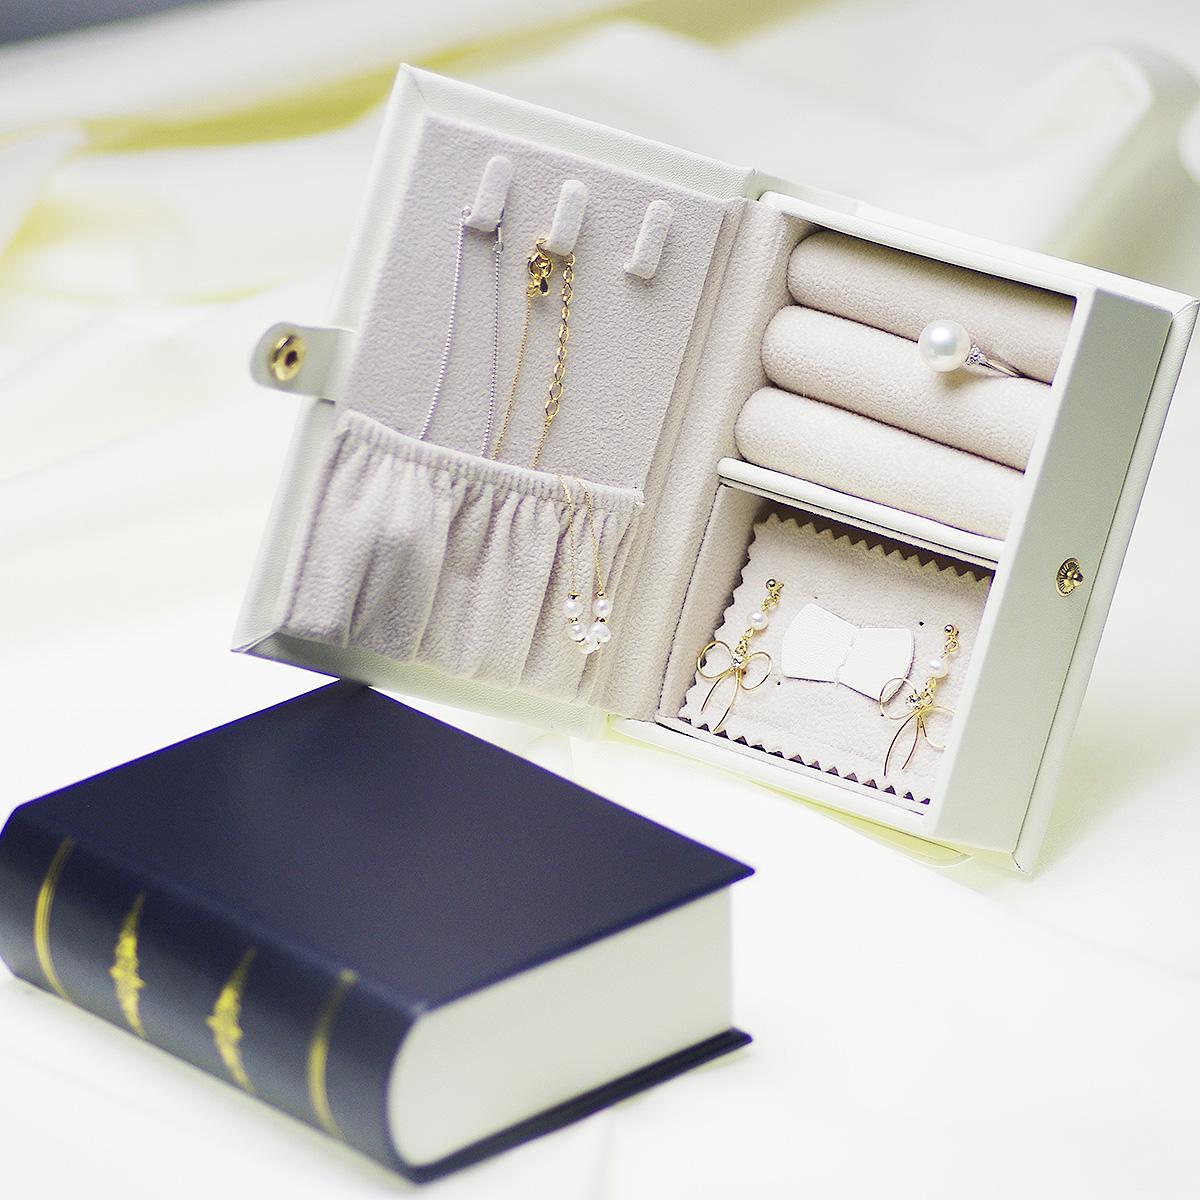 ブック型ジュエリーボックス  ジュエリーケース 大容量  アクセサリーボックス  トラベルの写真